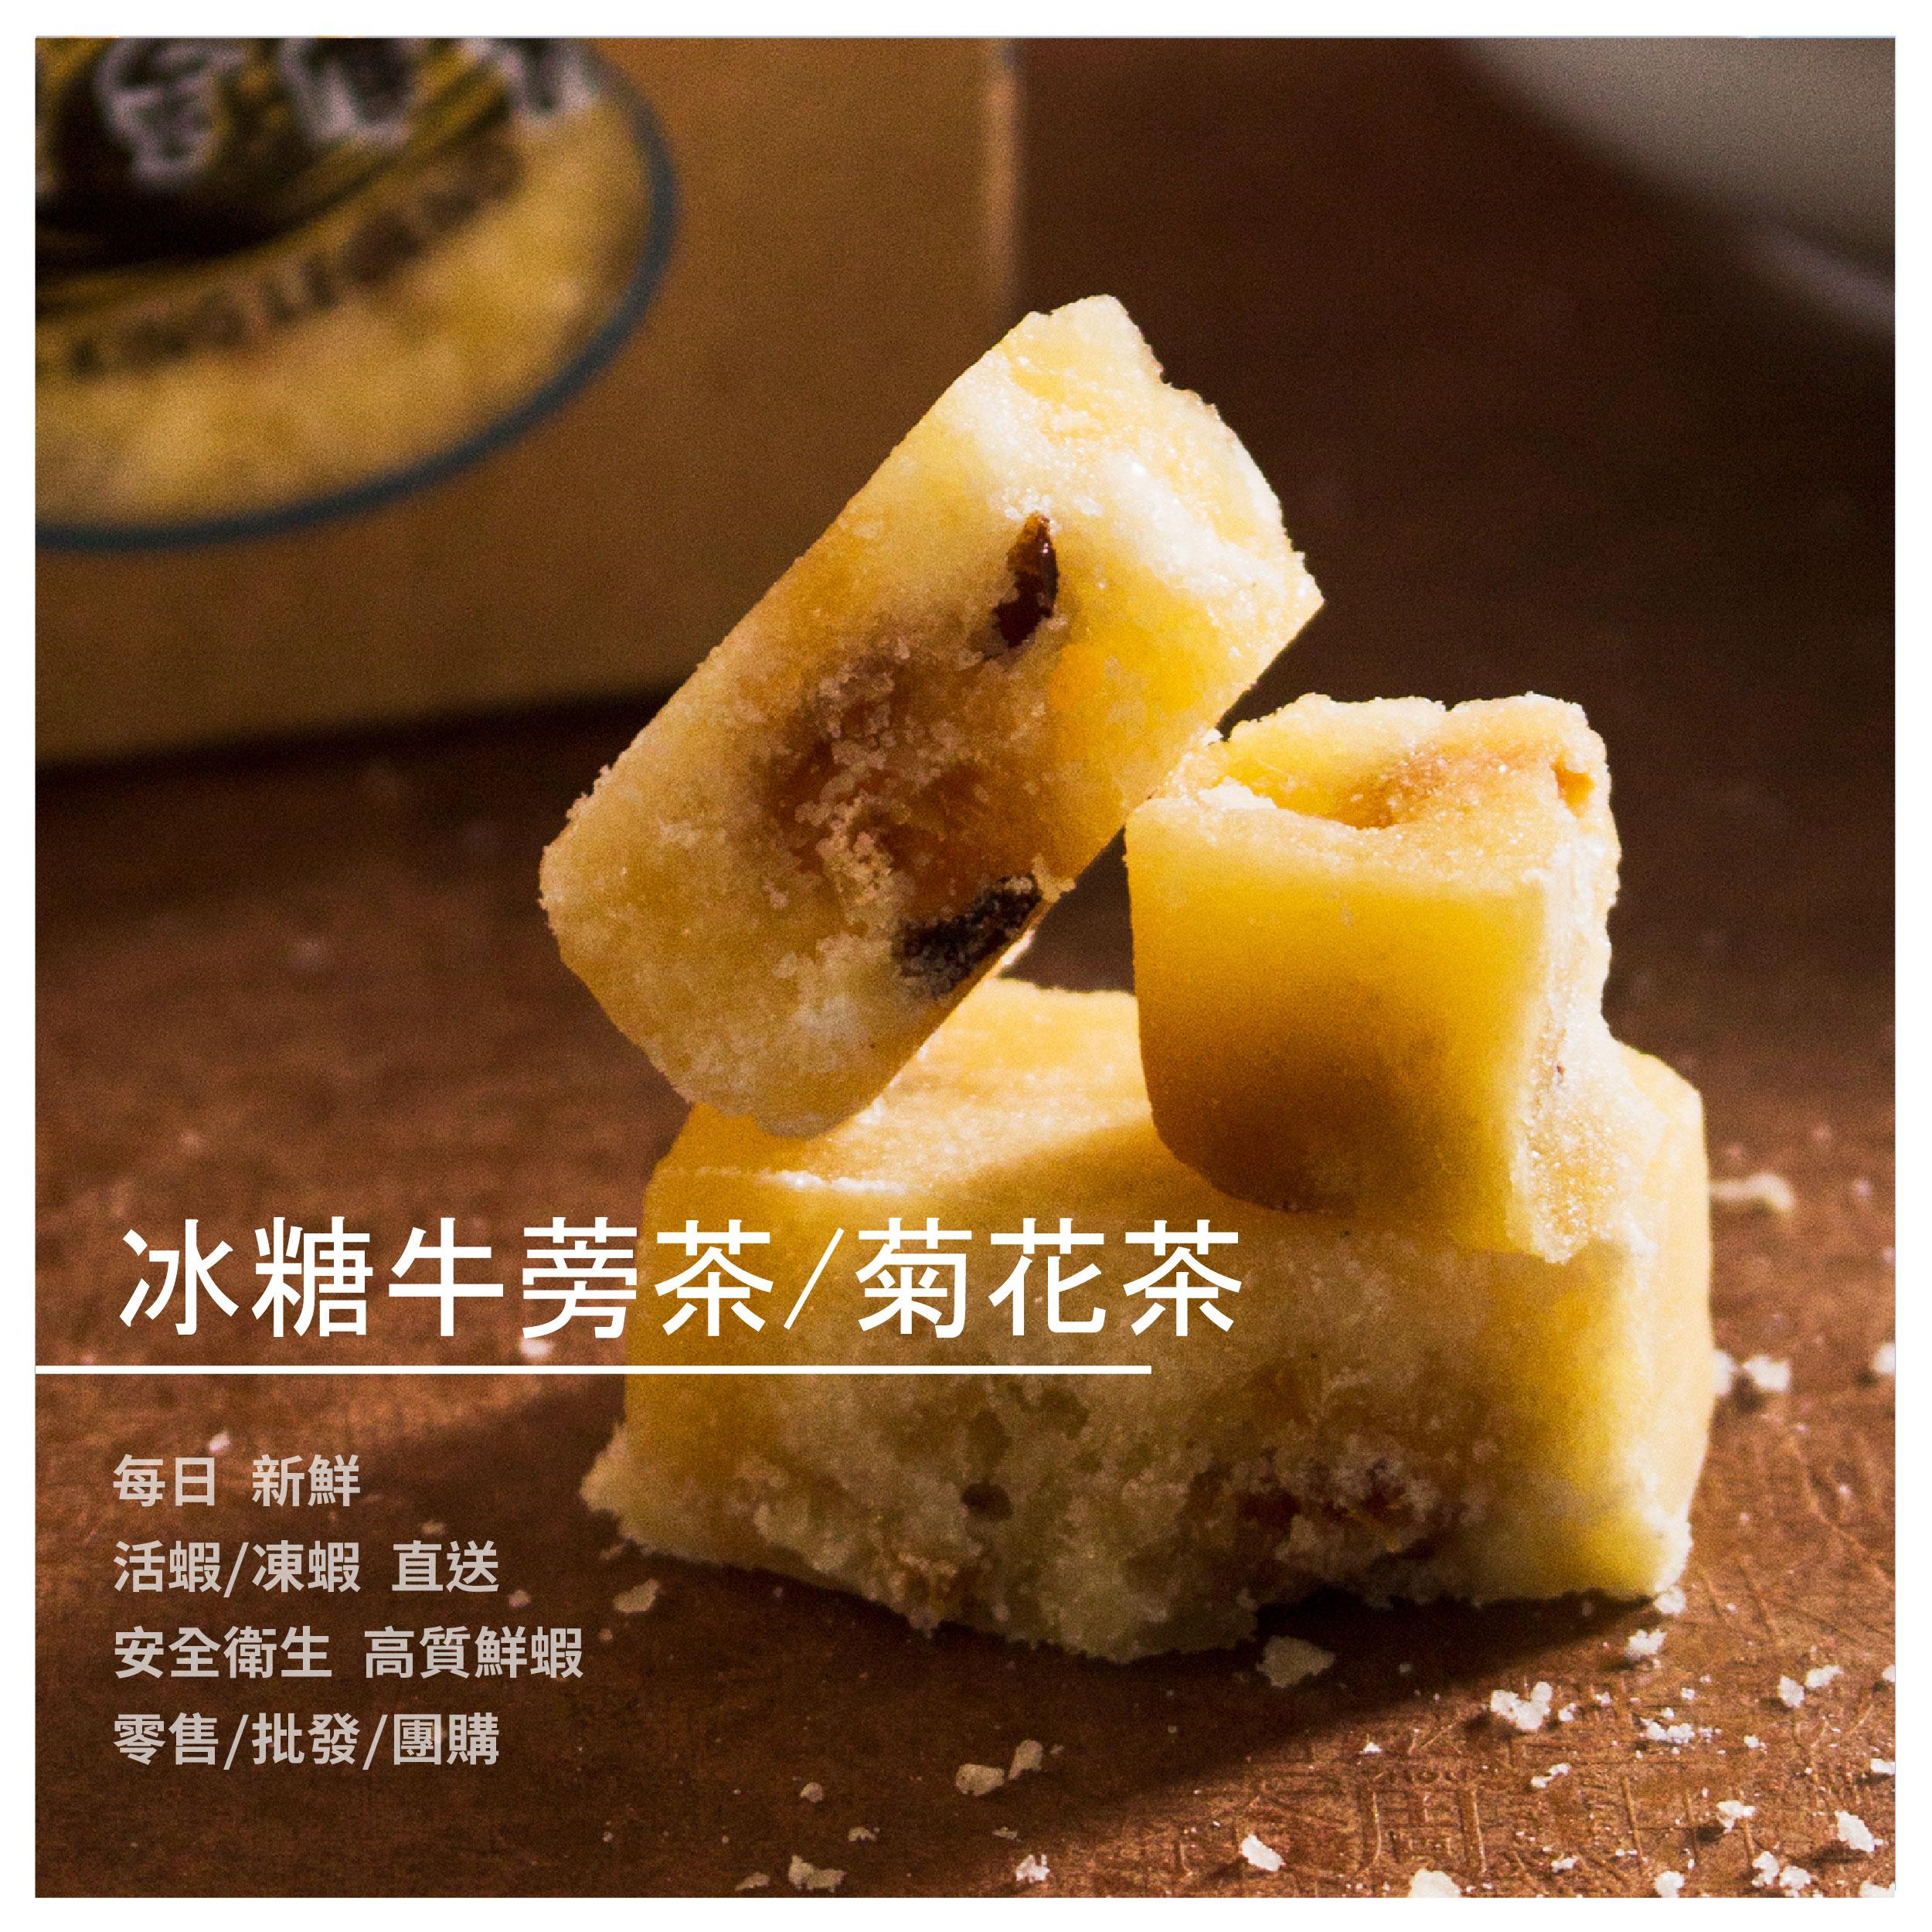 【黑金傳奇黑糖薑母茶】冰糖牛蒡茶/菊花茶